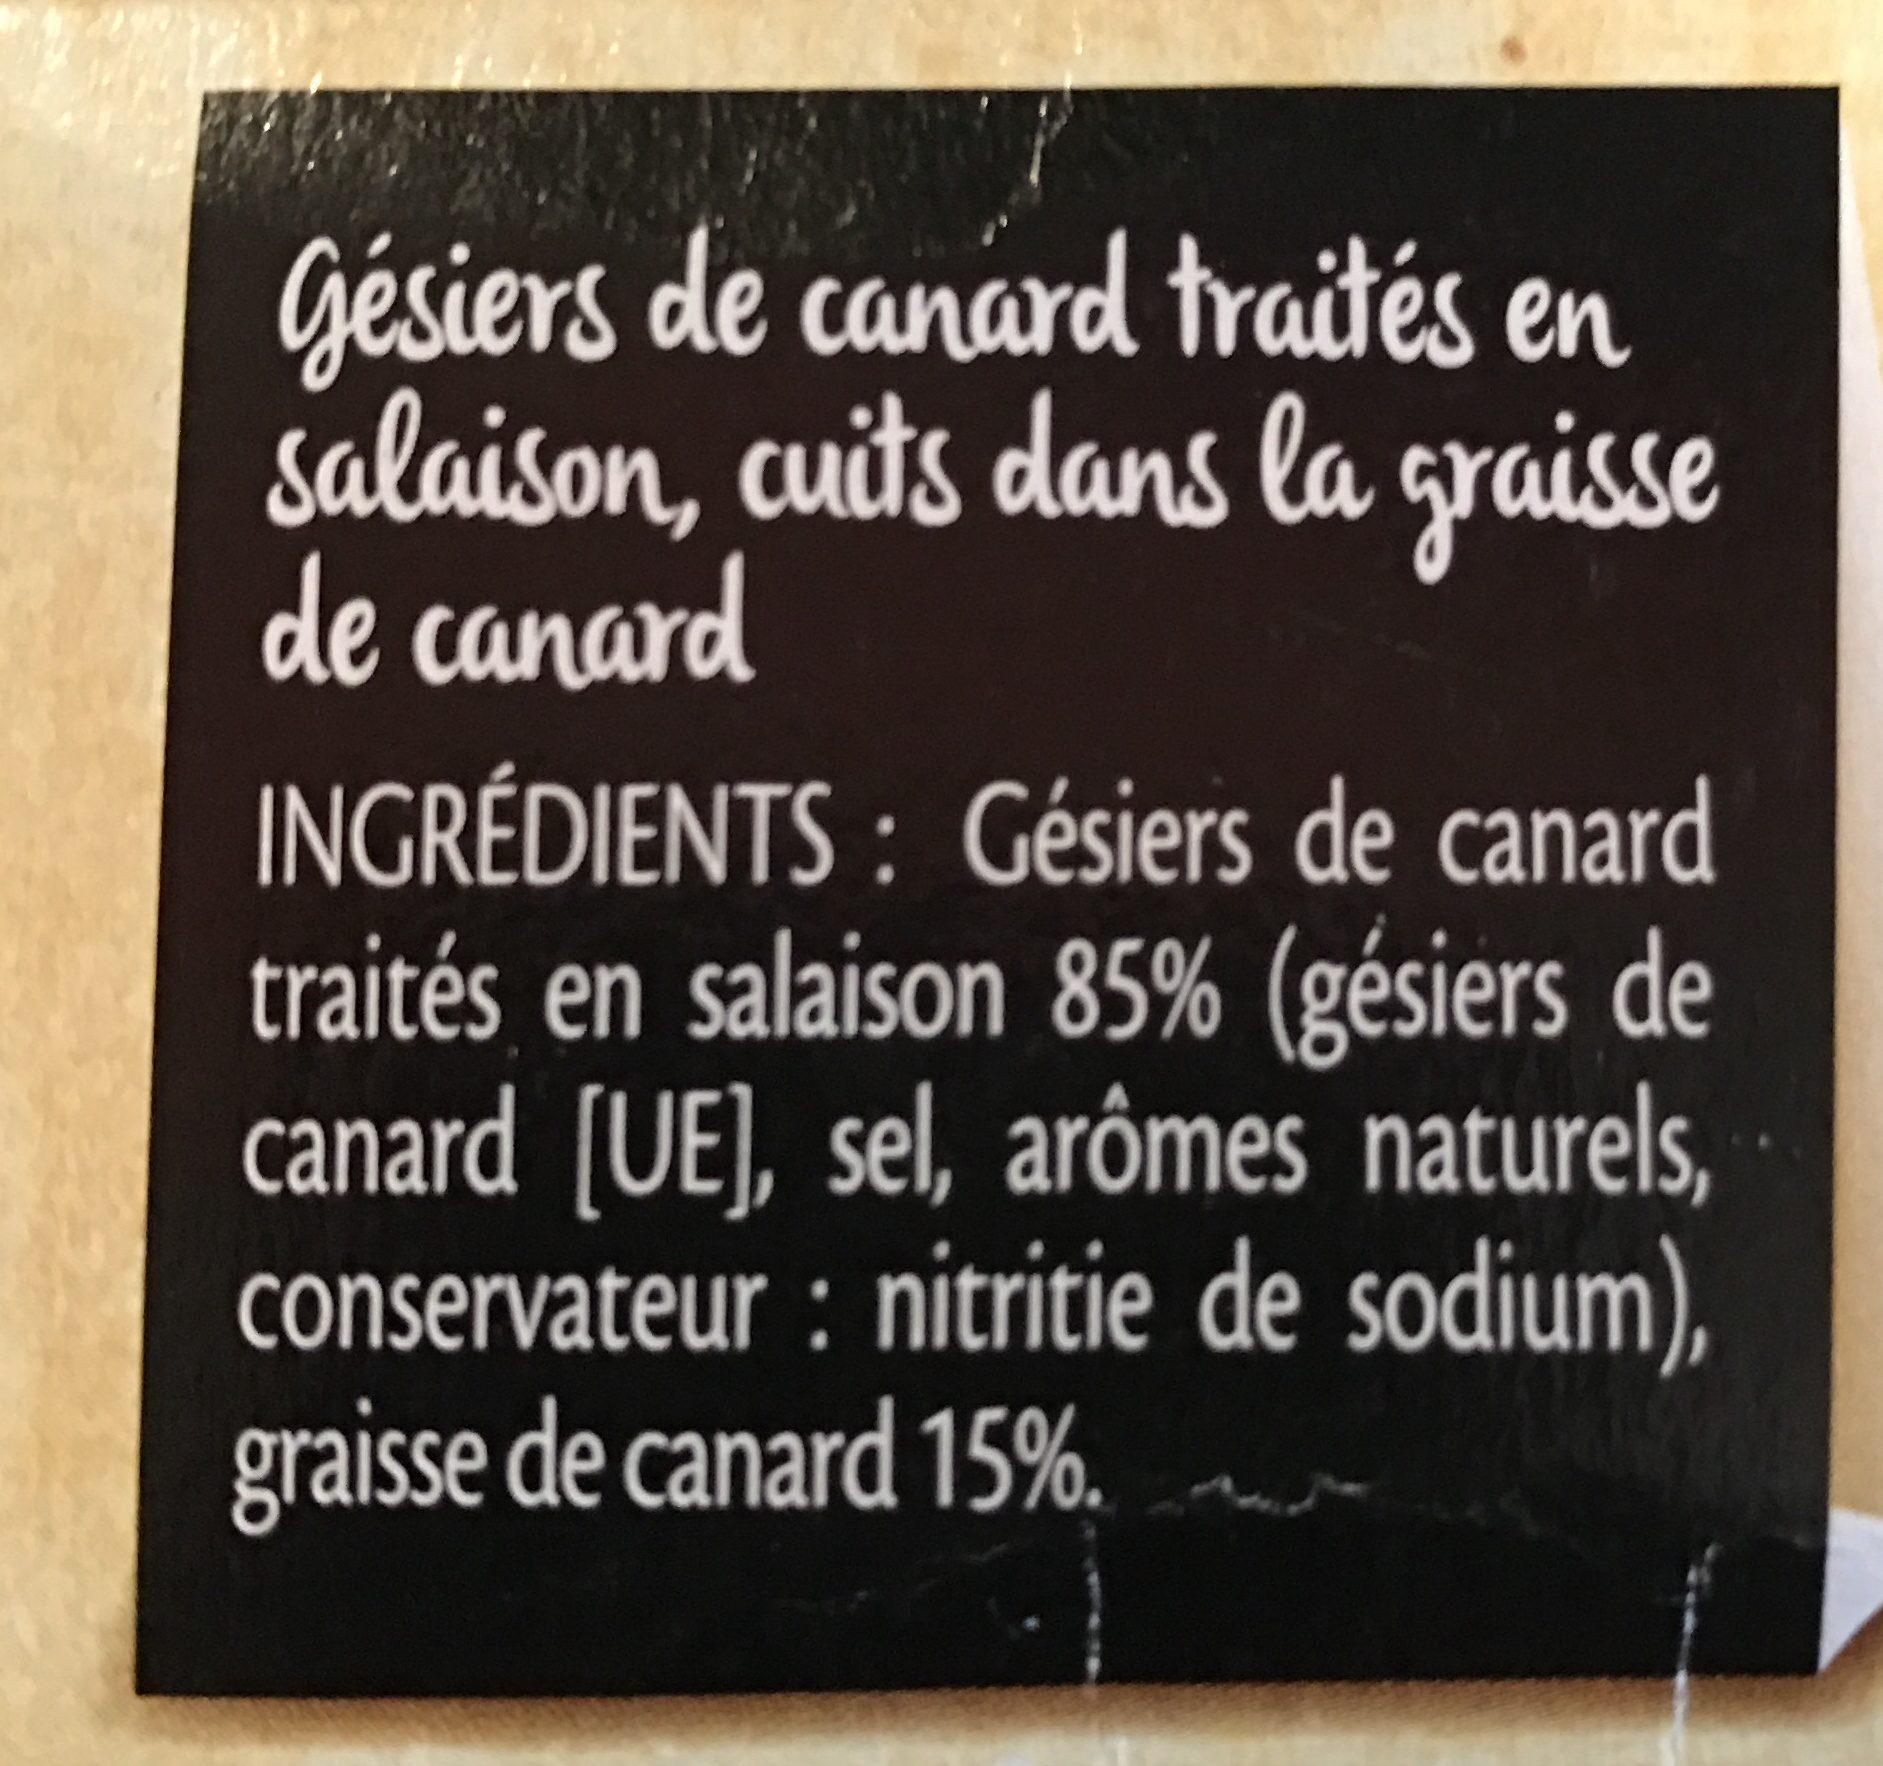 Gésiers de canard cuits dans la graisse de canard - Ingrédients - fr